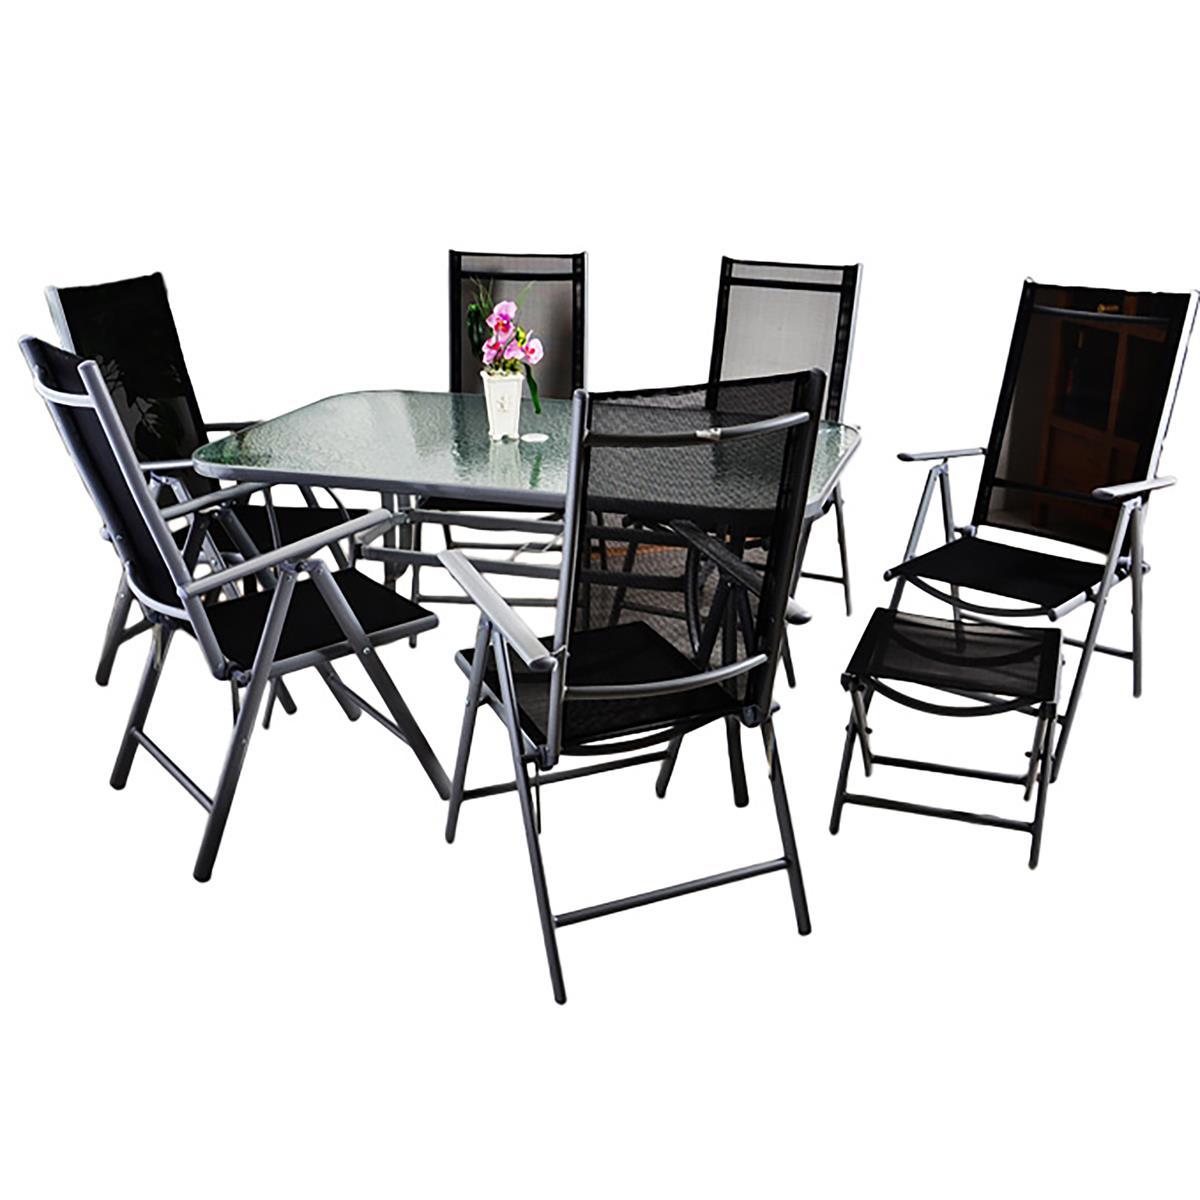 9tlg. Gartengarnitur 6 Klappstühle 2 Hocker 1 Glastisch Sitzgruppe Alu schwarz